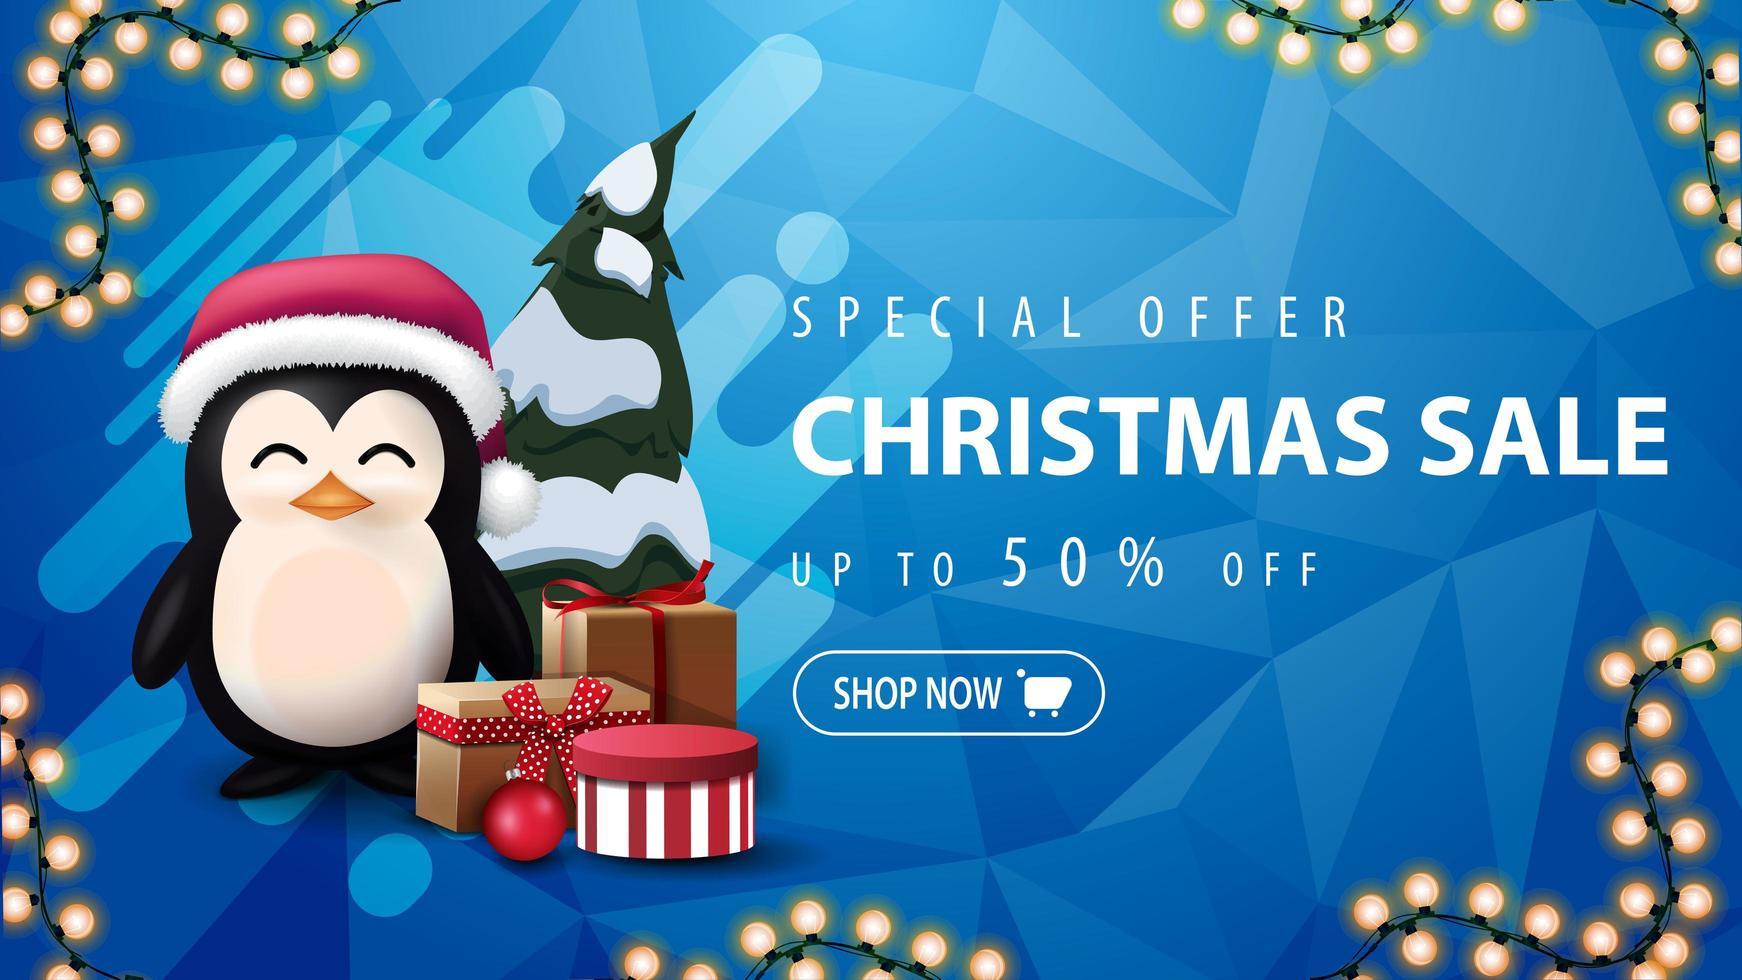 speciale aanbieding, kerstuitverkoop, tot 50 korting, blauwe kortingsbanner met slinger, abstracte vorm, veelhoekige textuur en pinguïn in kerstmuts met cadeautjes vector